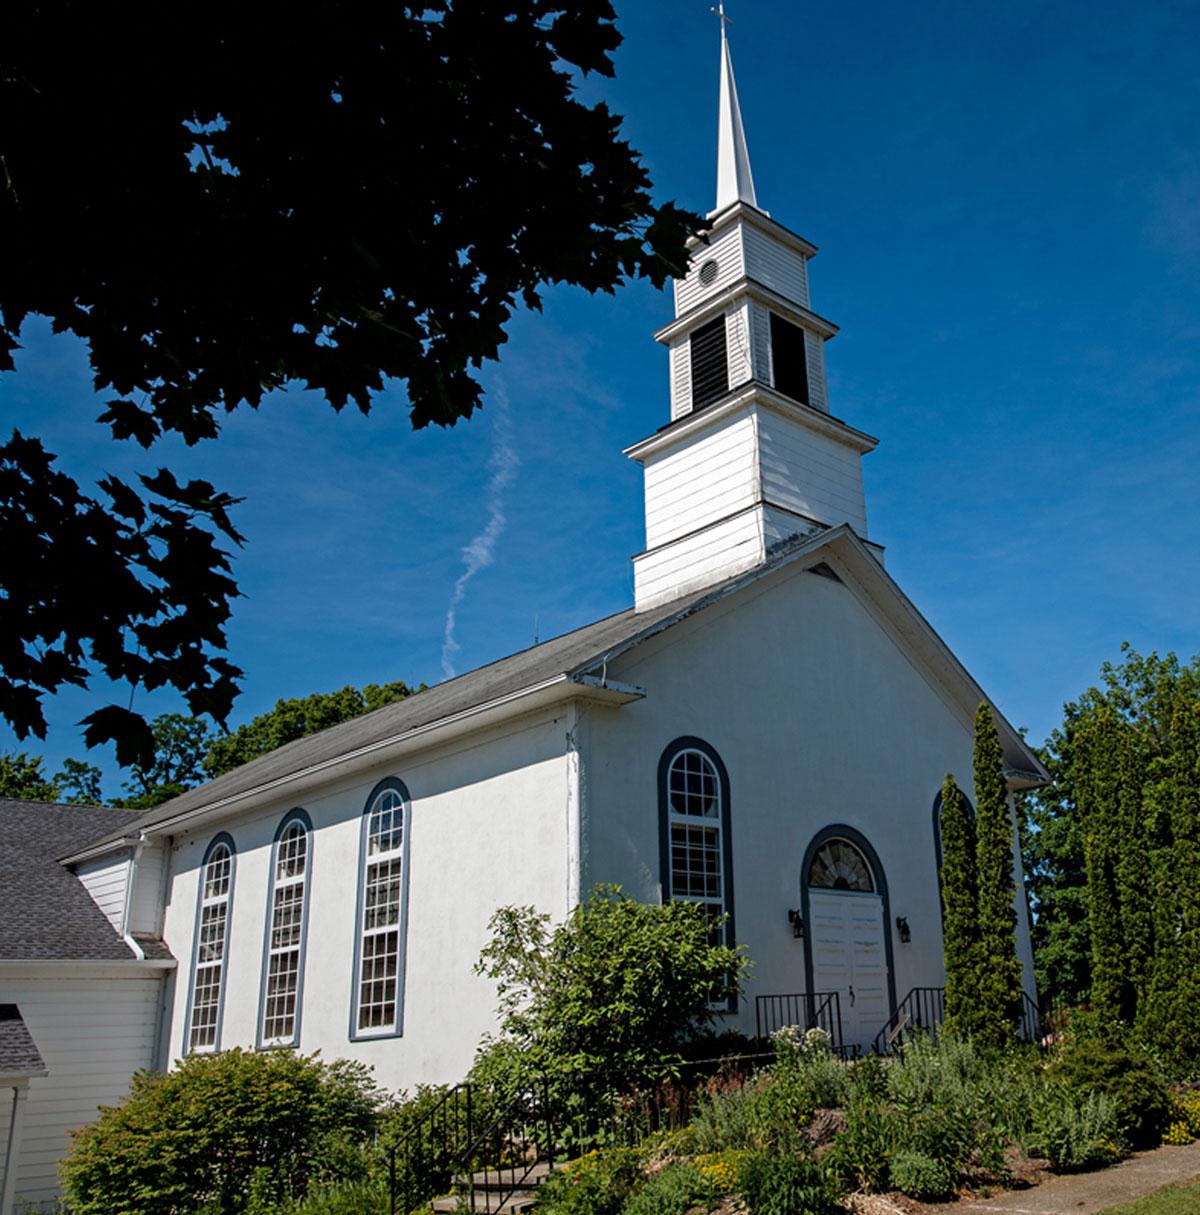 Church in accord